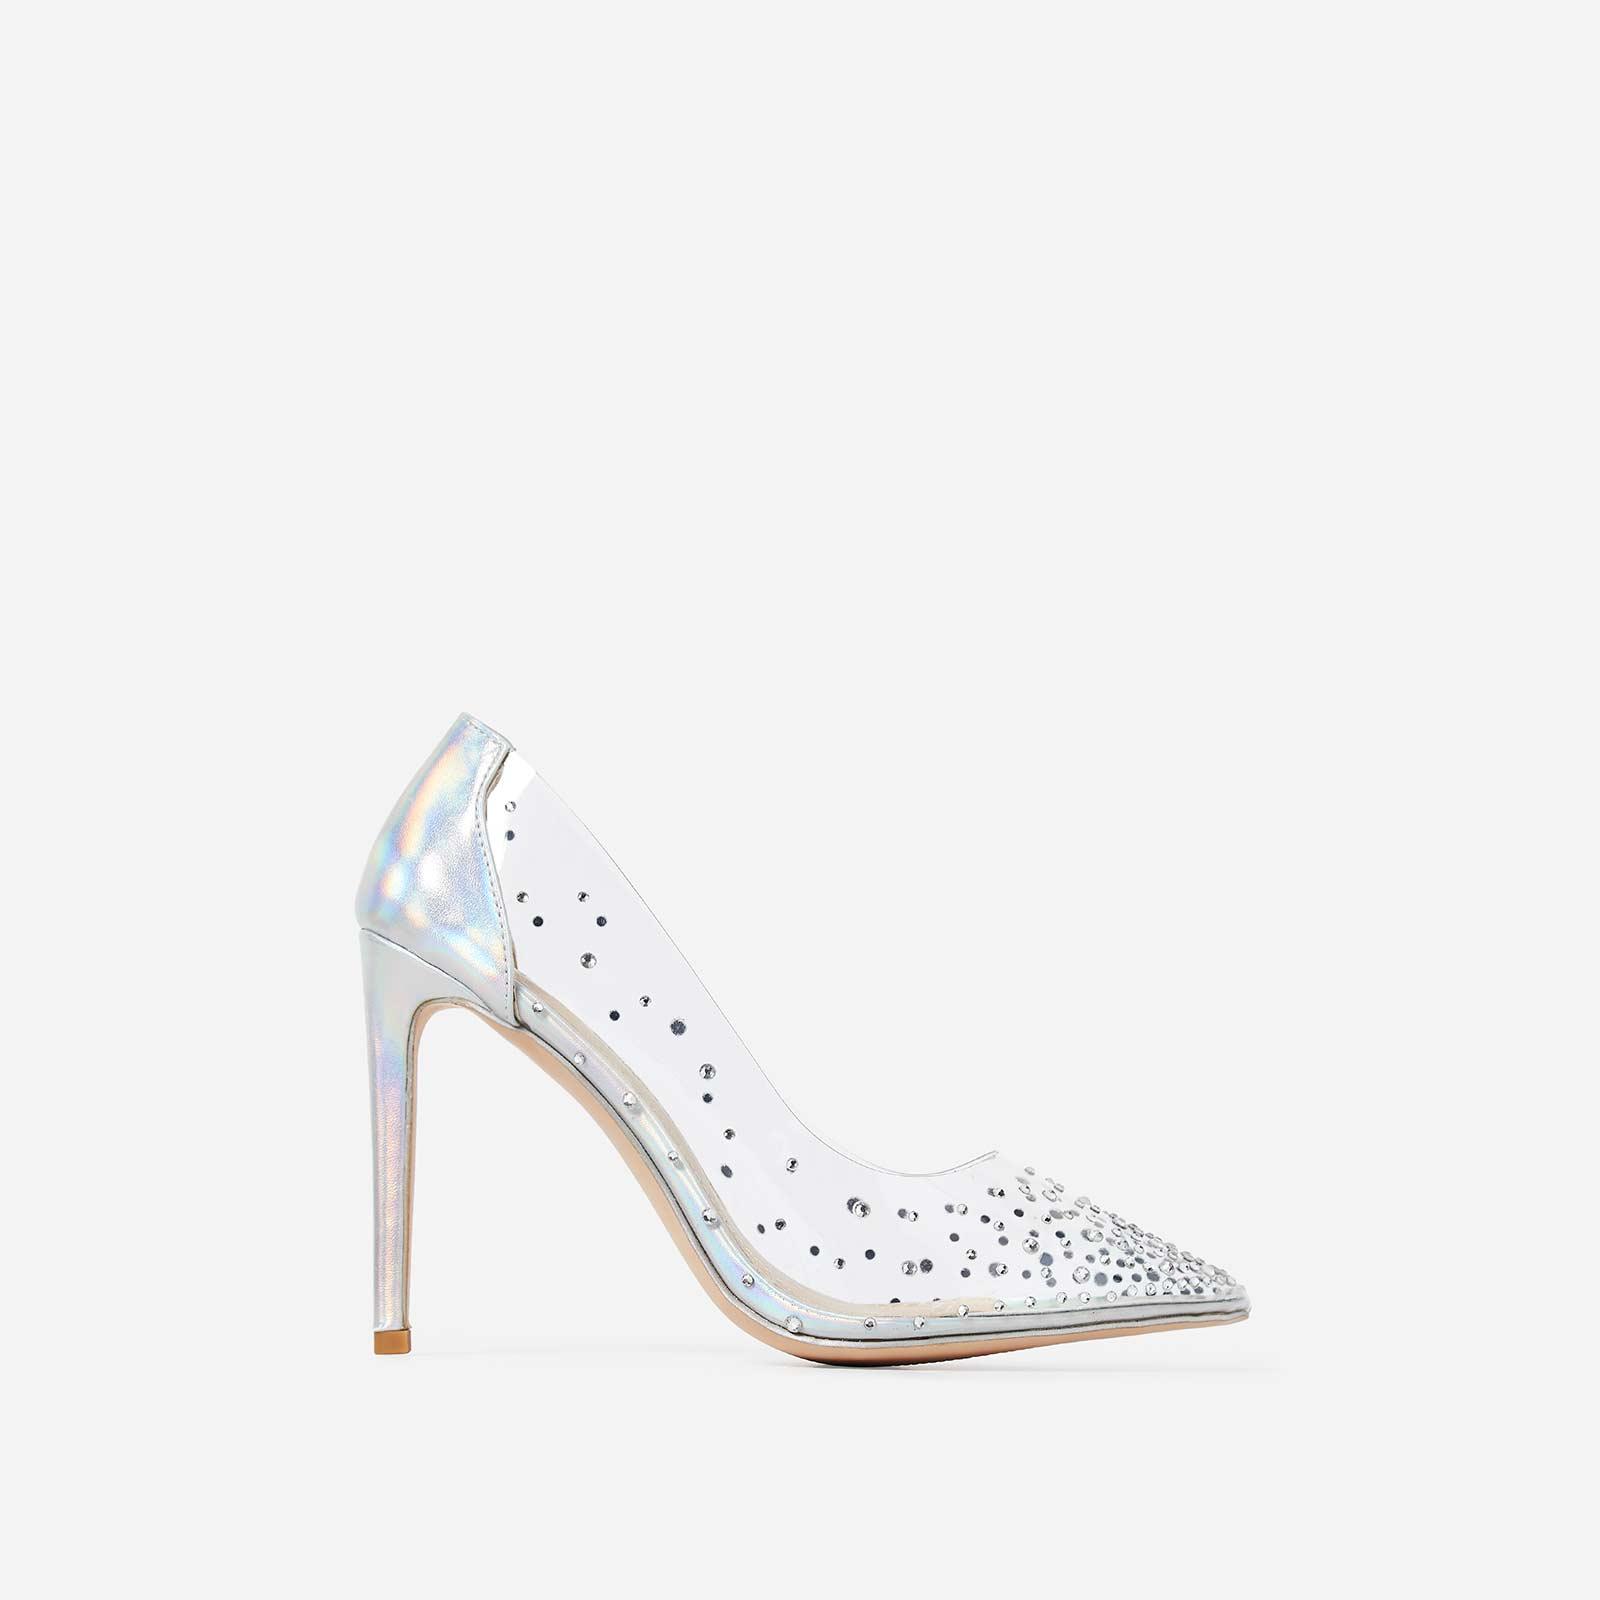 Girls Best Friend Diamante Perspex Court Heel In Silver Patent